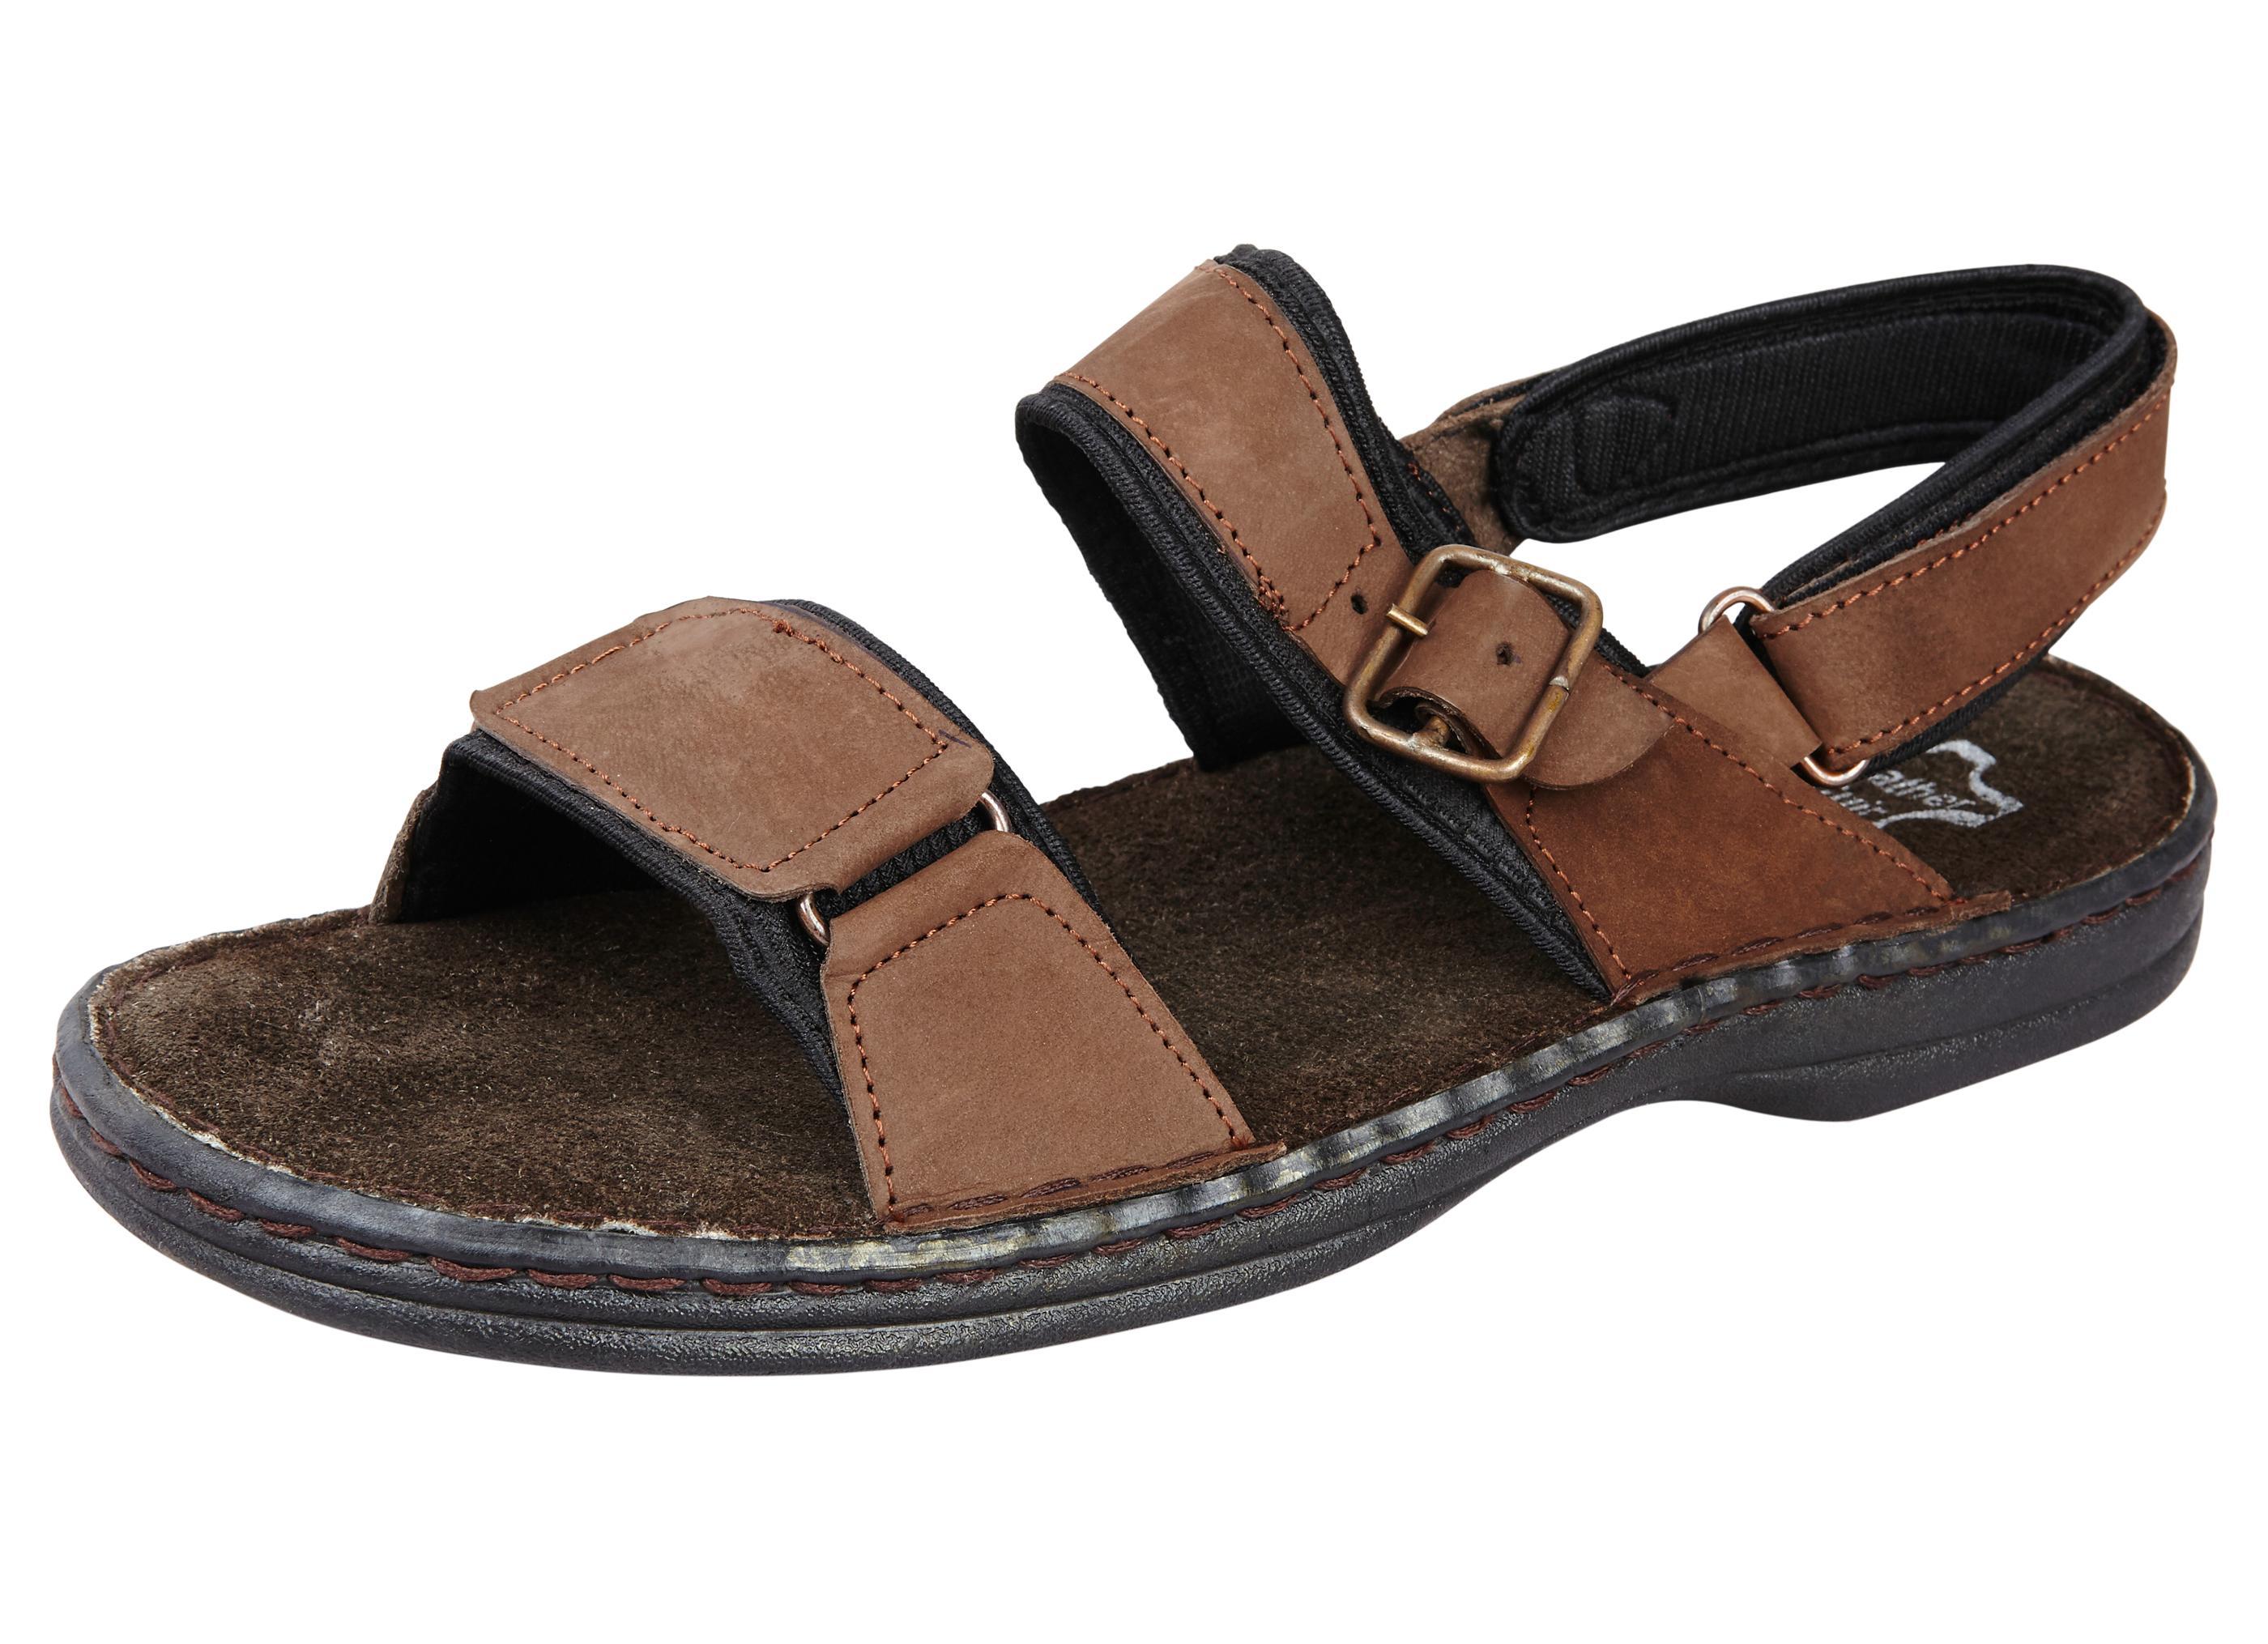 herren leder sandalen sandalen. Black Bedroom Furniture Sets. Home Design Ideas